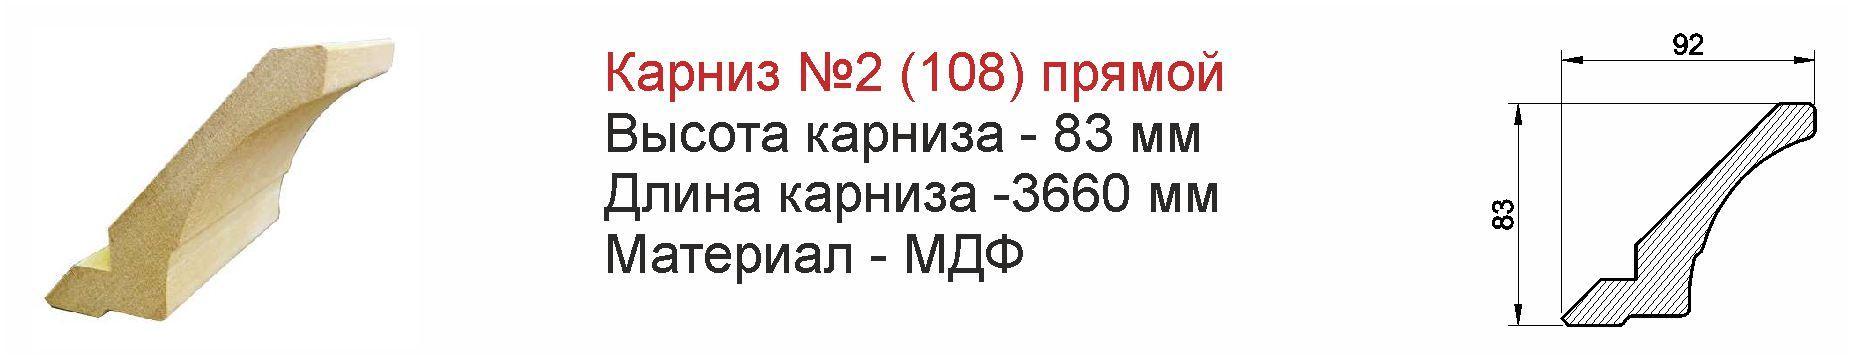 Карниз для кухонной мебели №2 (108) из МДФ